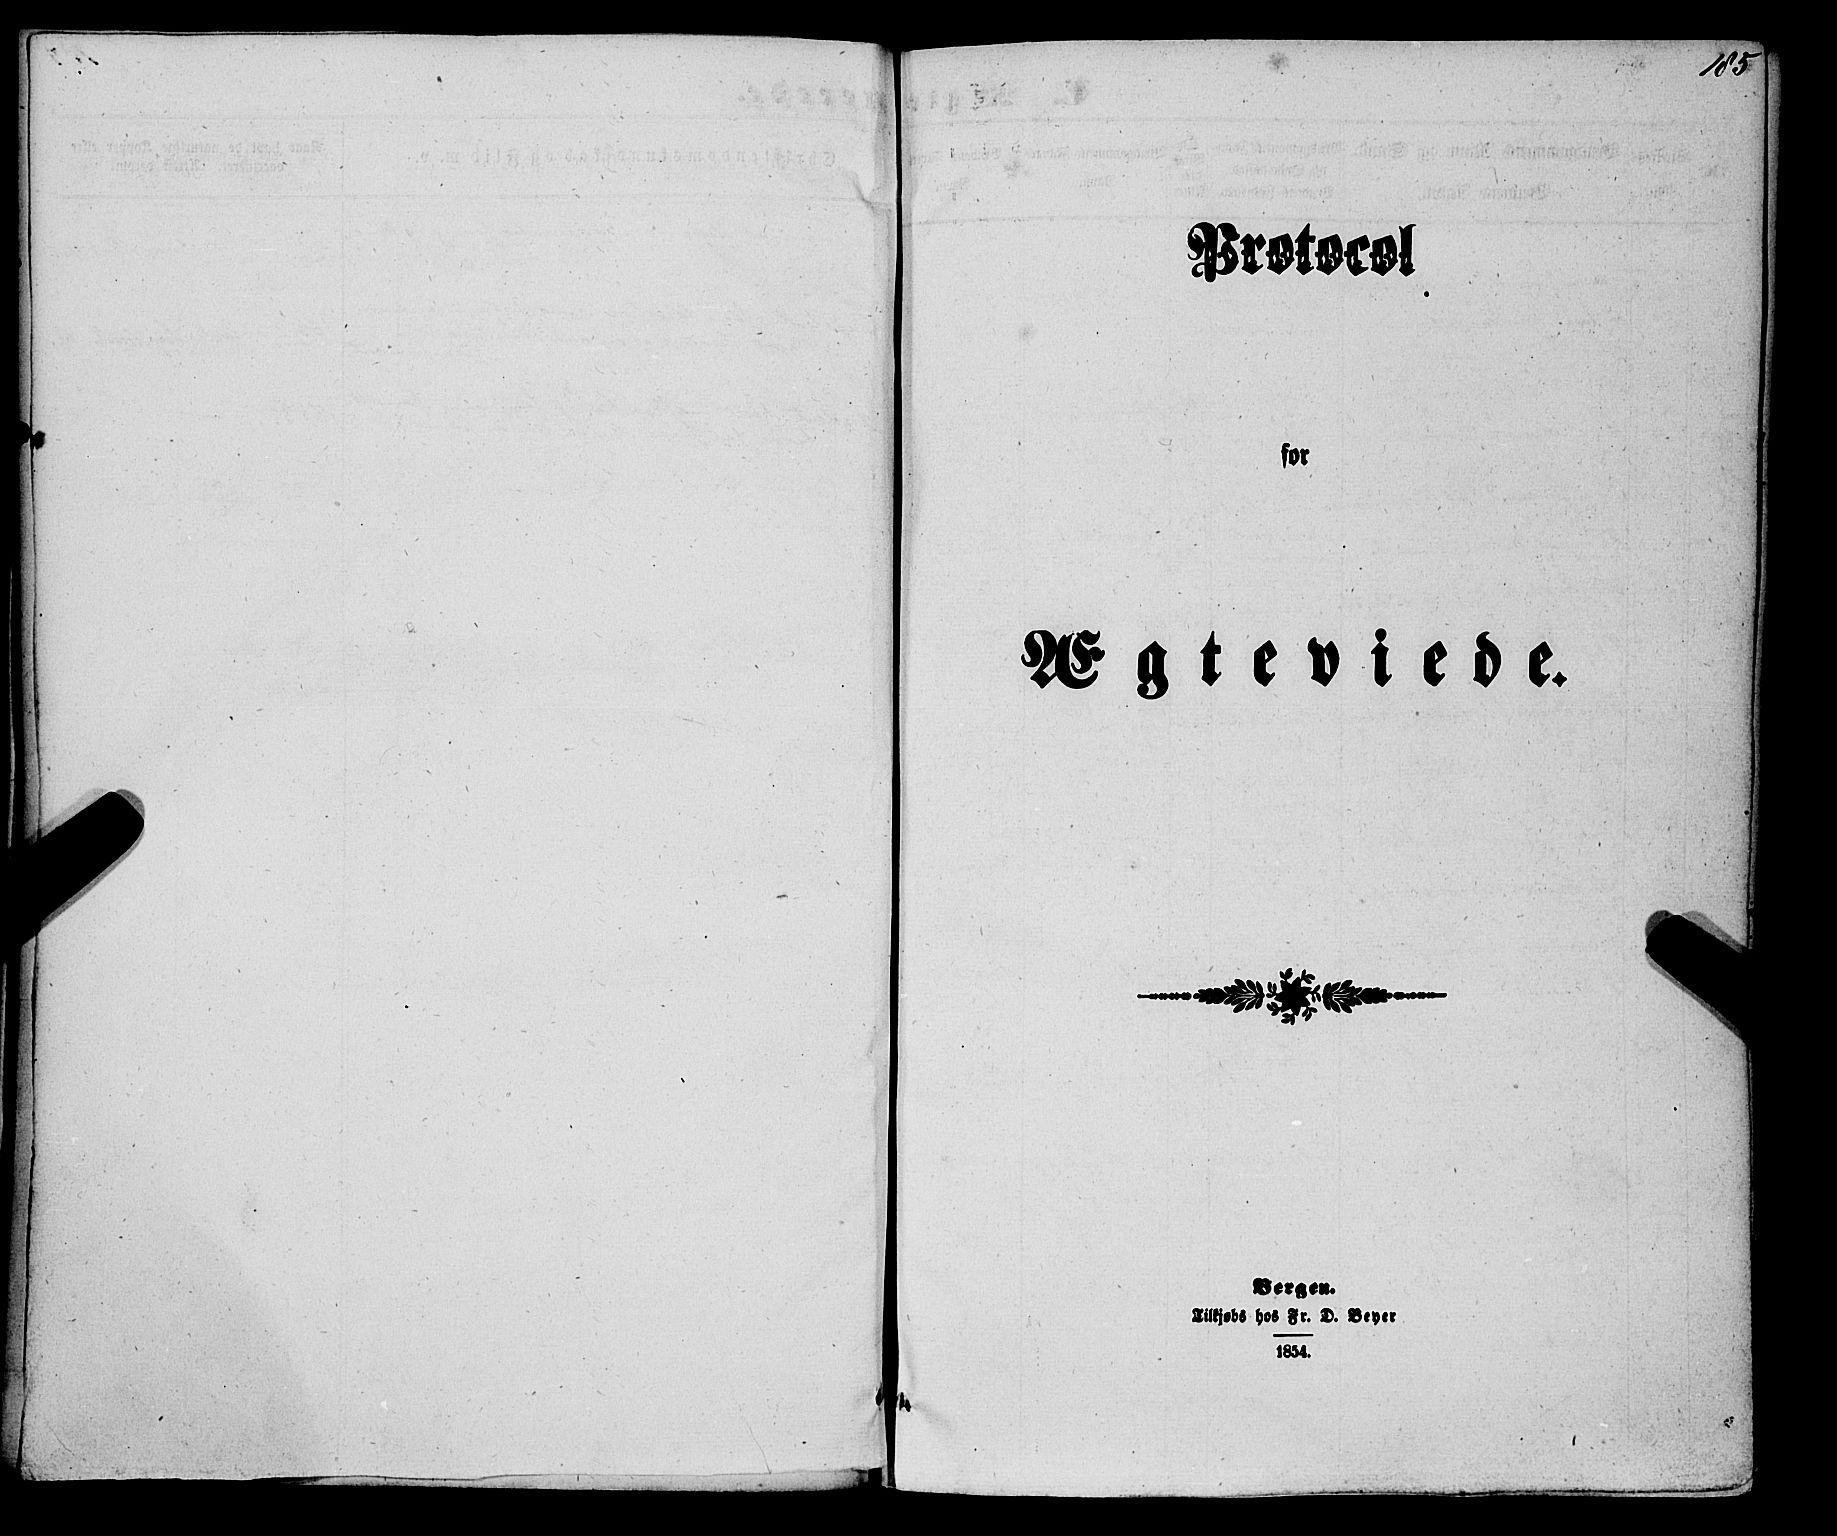 SAB, Selje sokneprestembete*, Ministerialbok nr. A 11, 1858-1870, s. 185